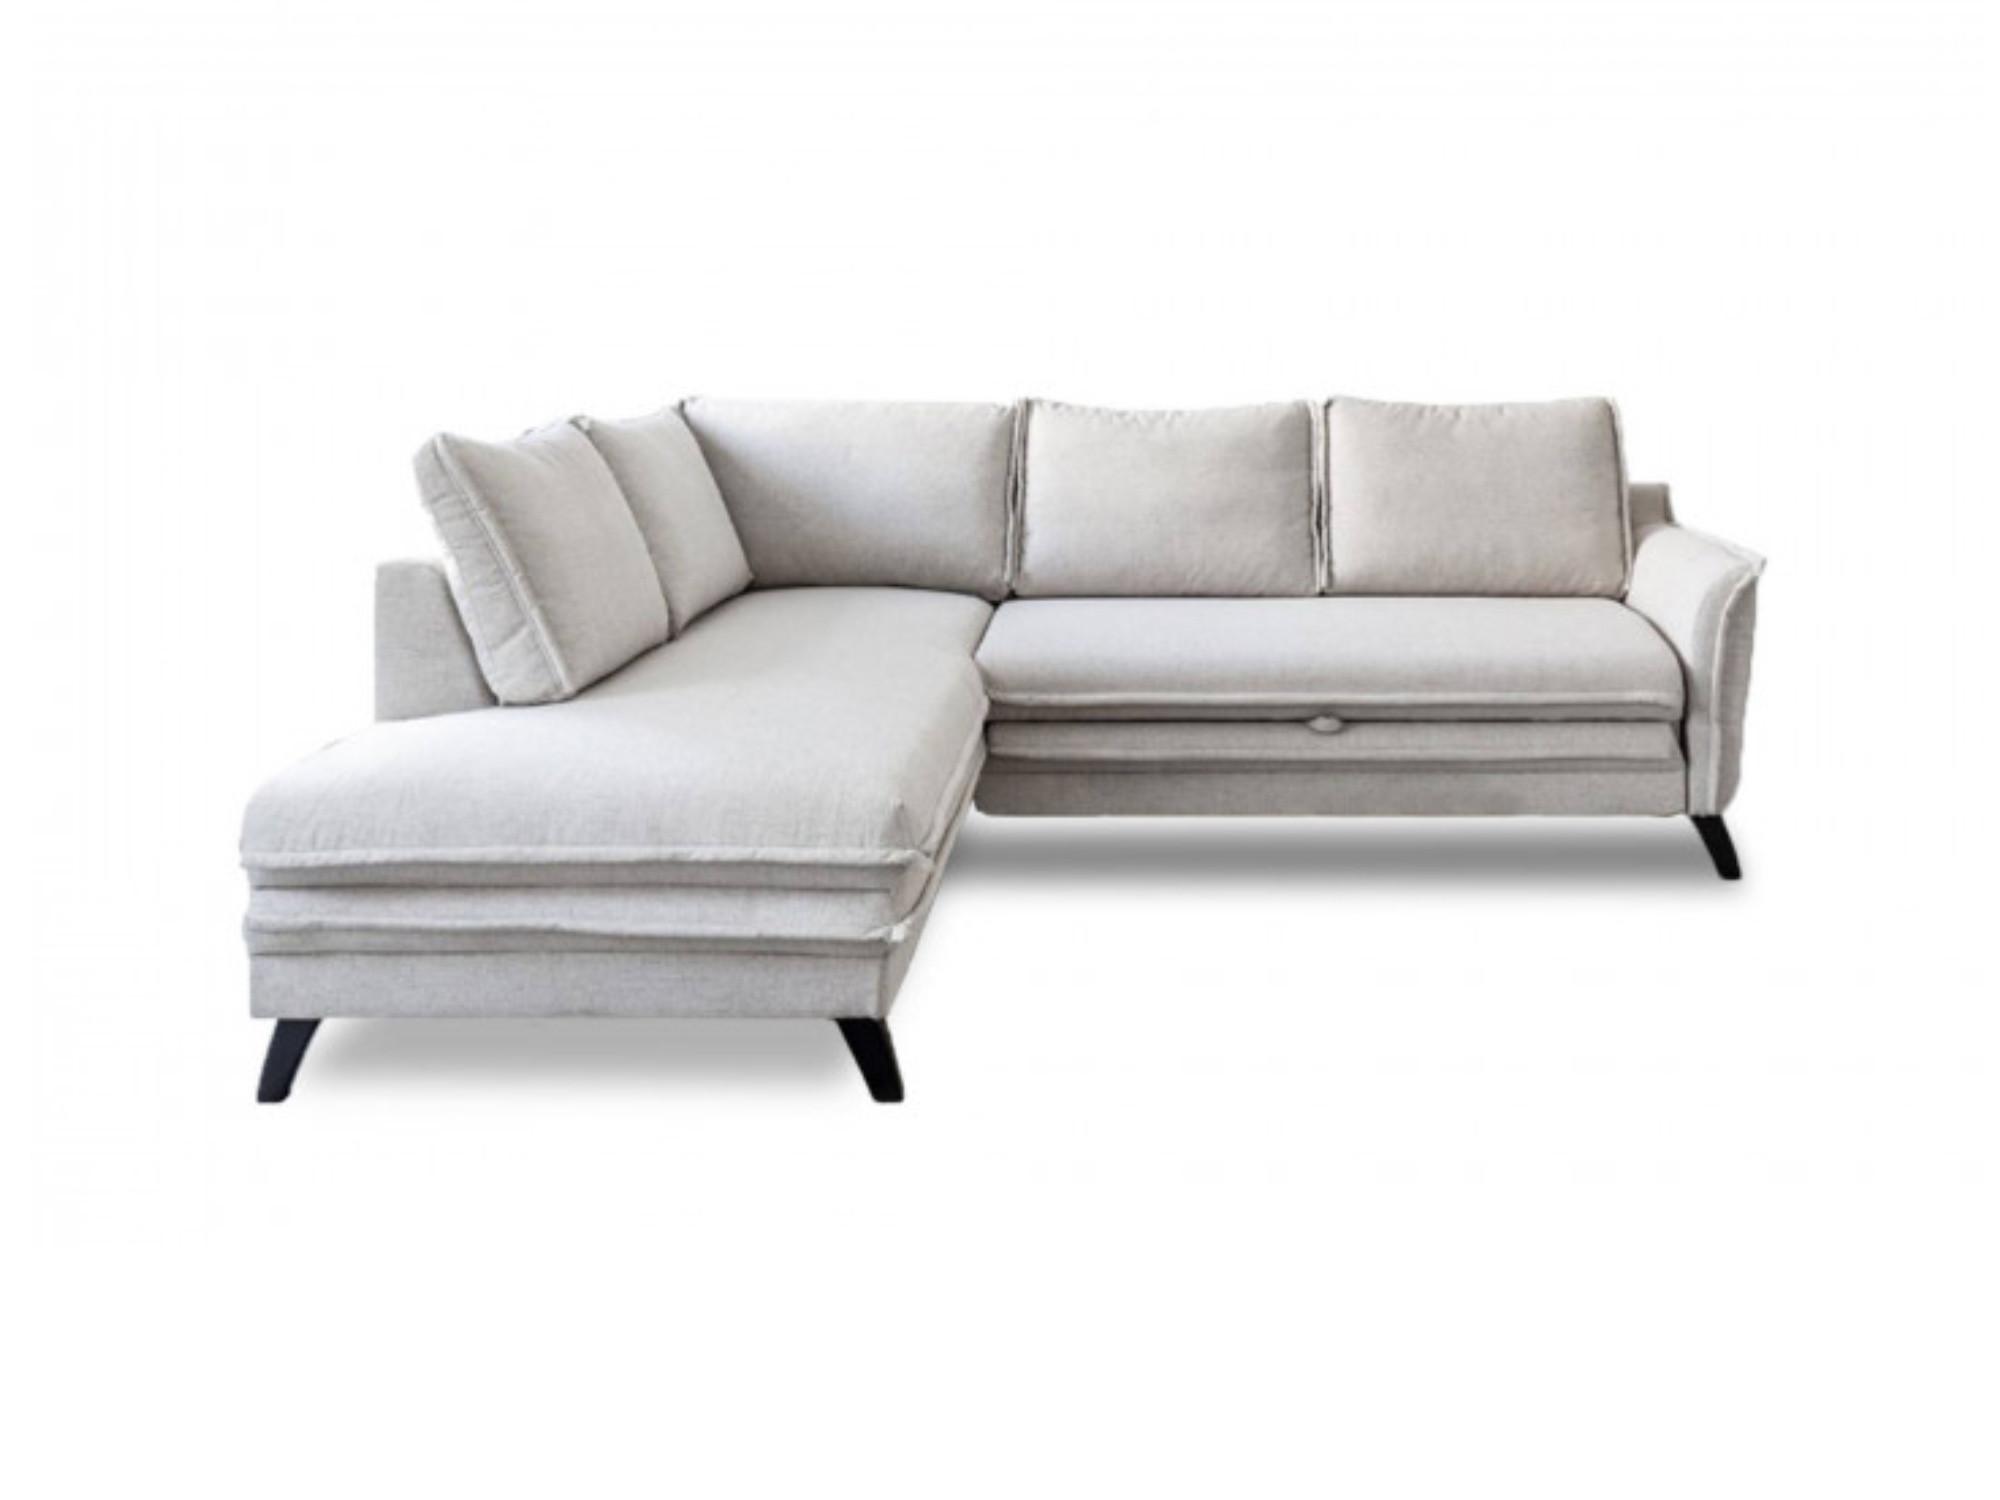 Canapé d'angle 5 places Beige Tissu Contemporain Confort